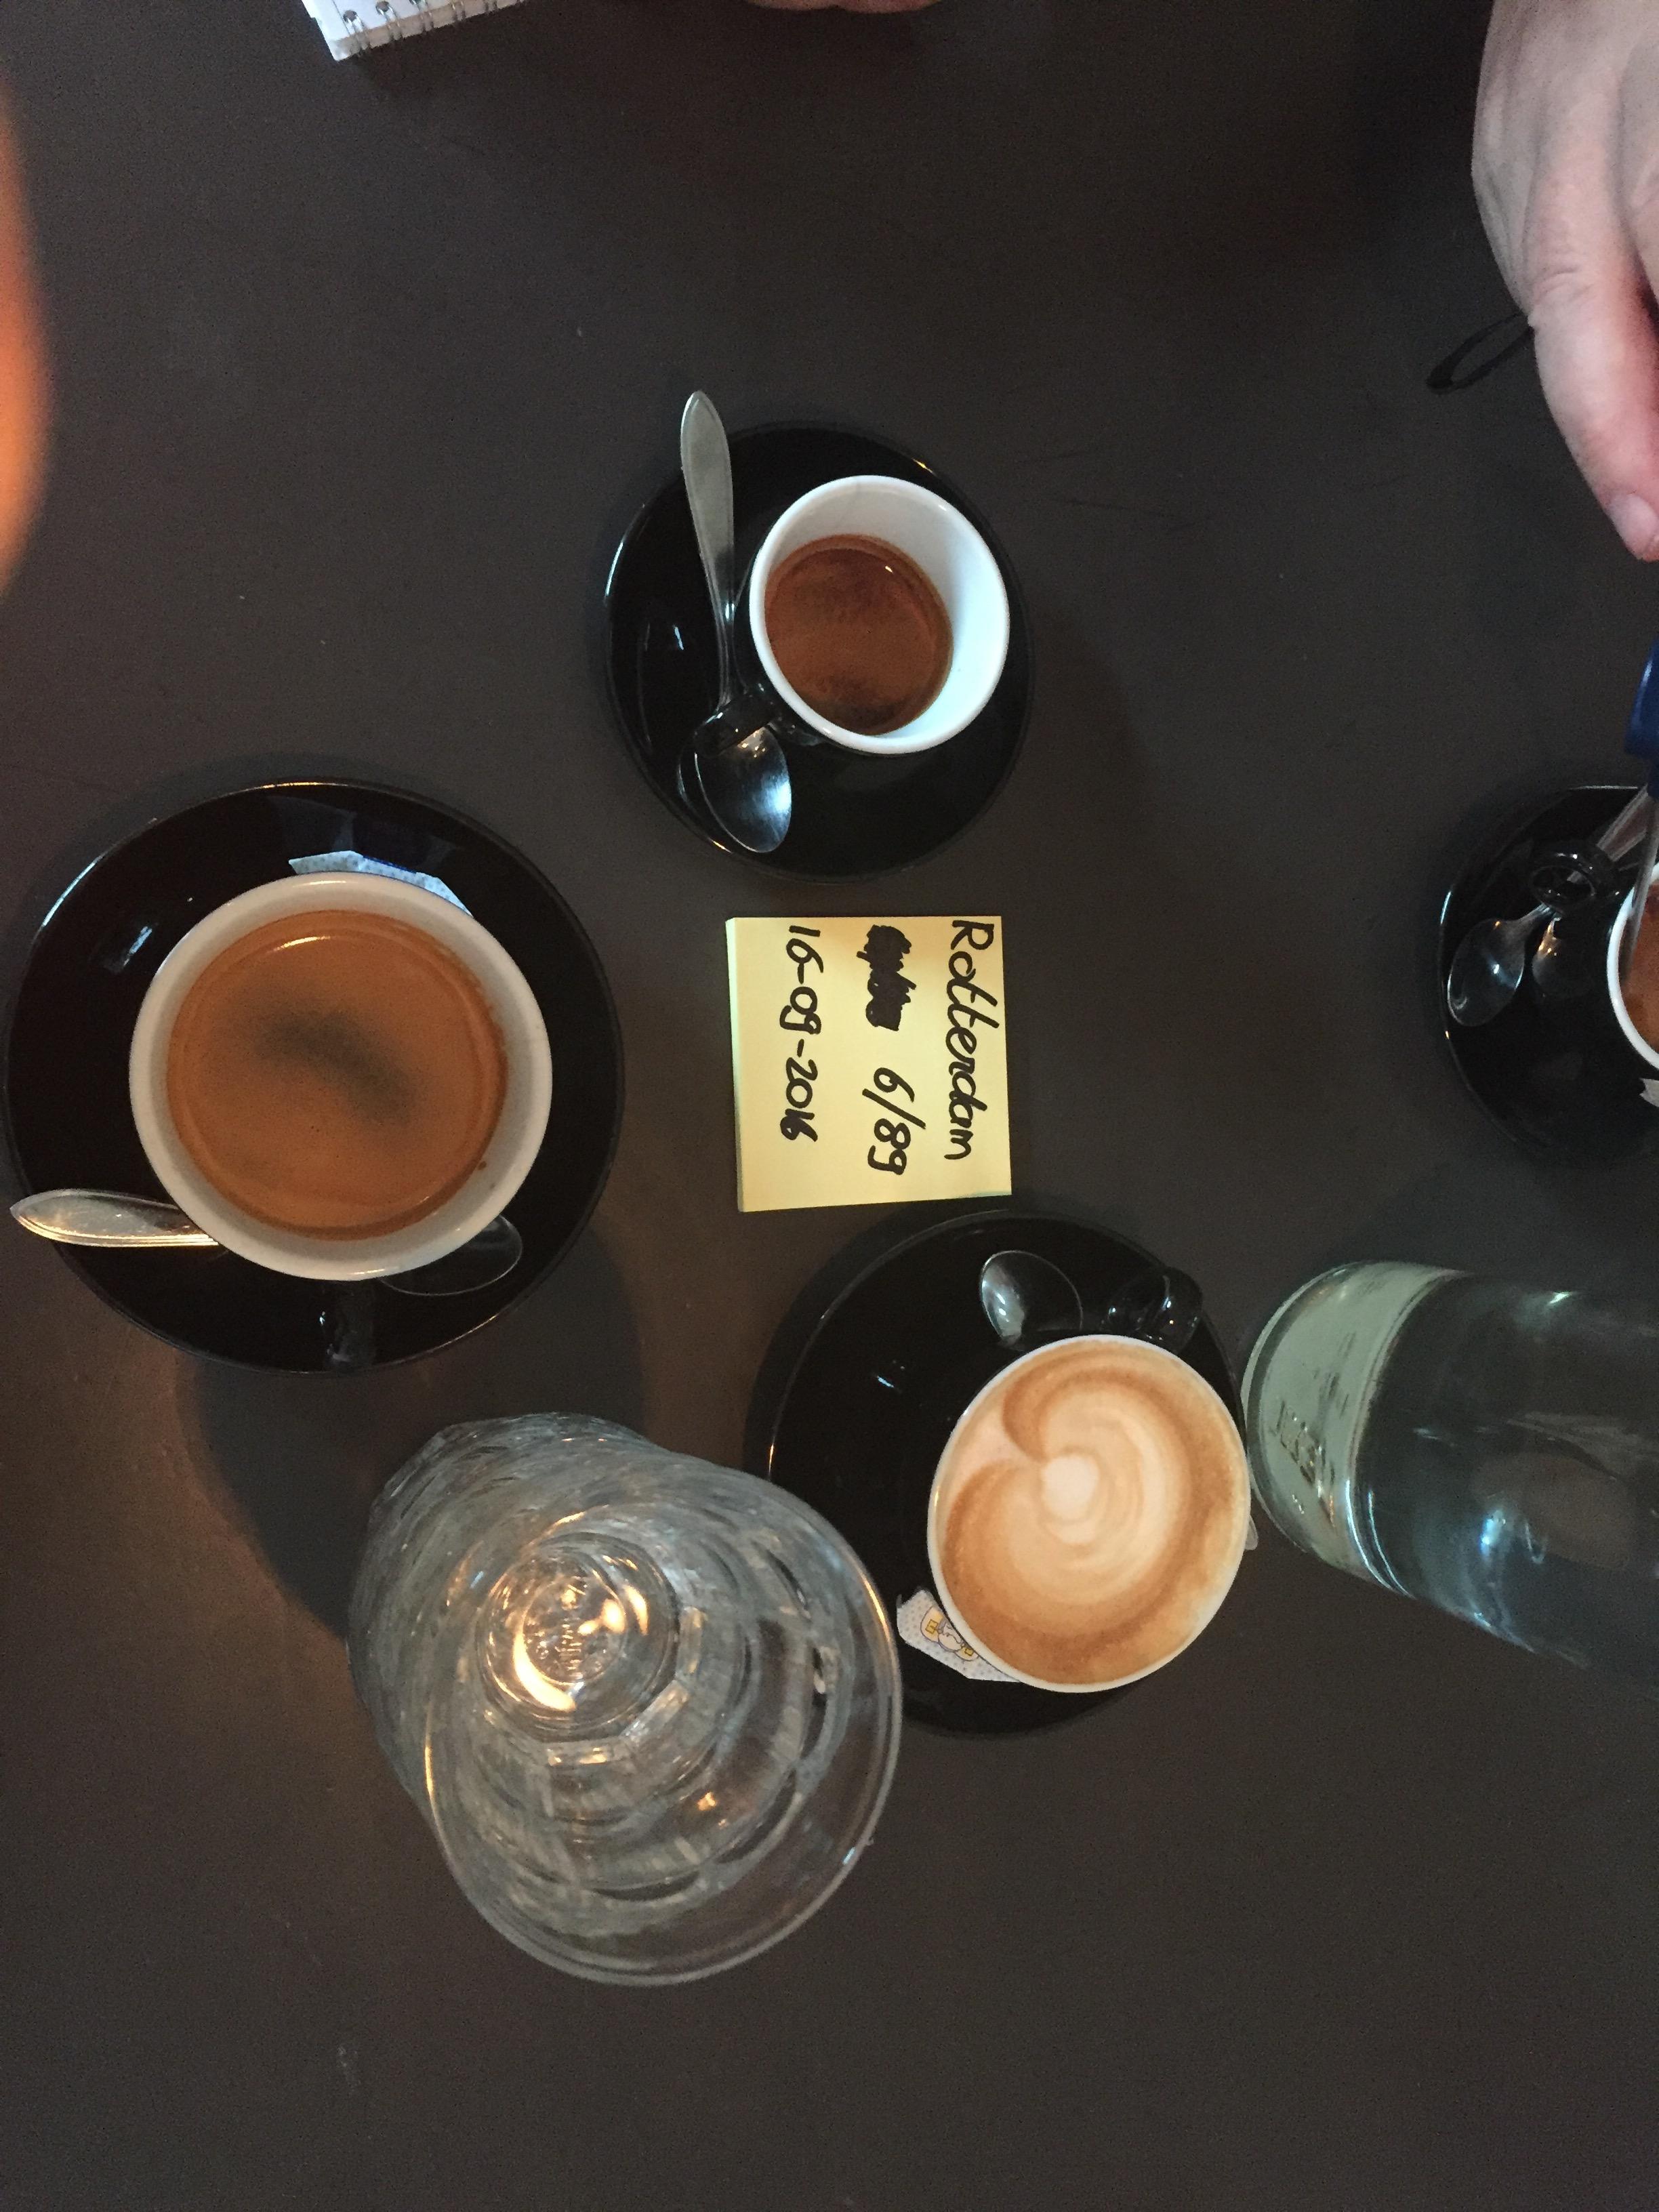 Winkelcafé De Zeeuwse Meisjes